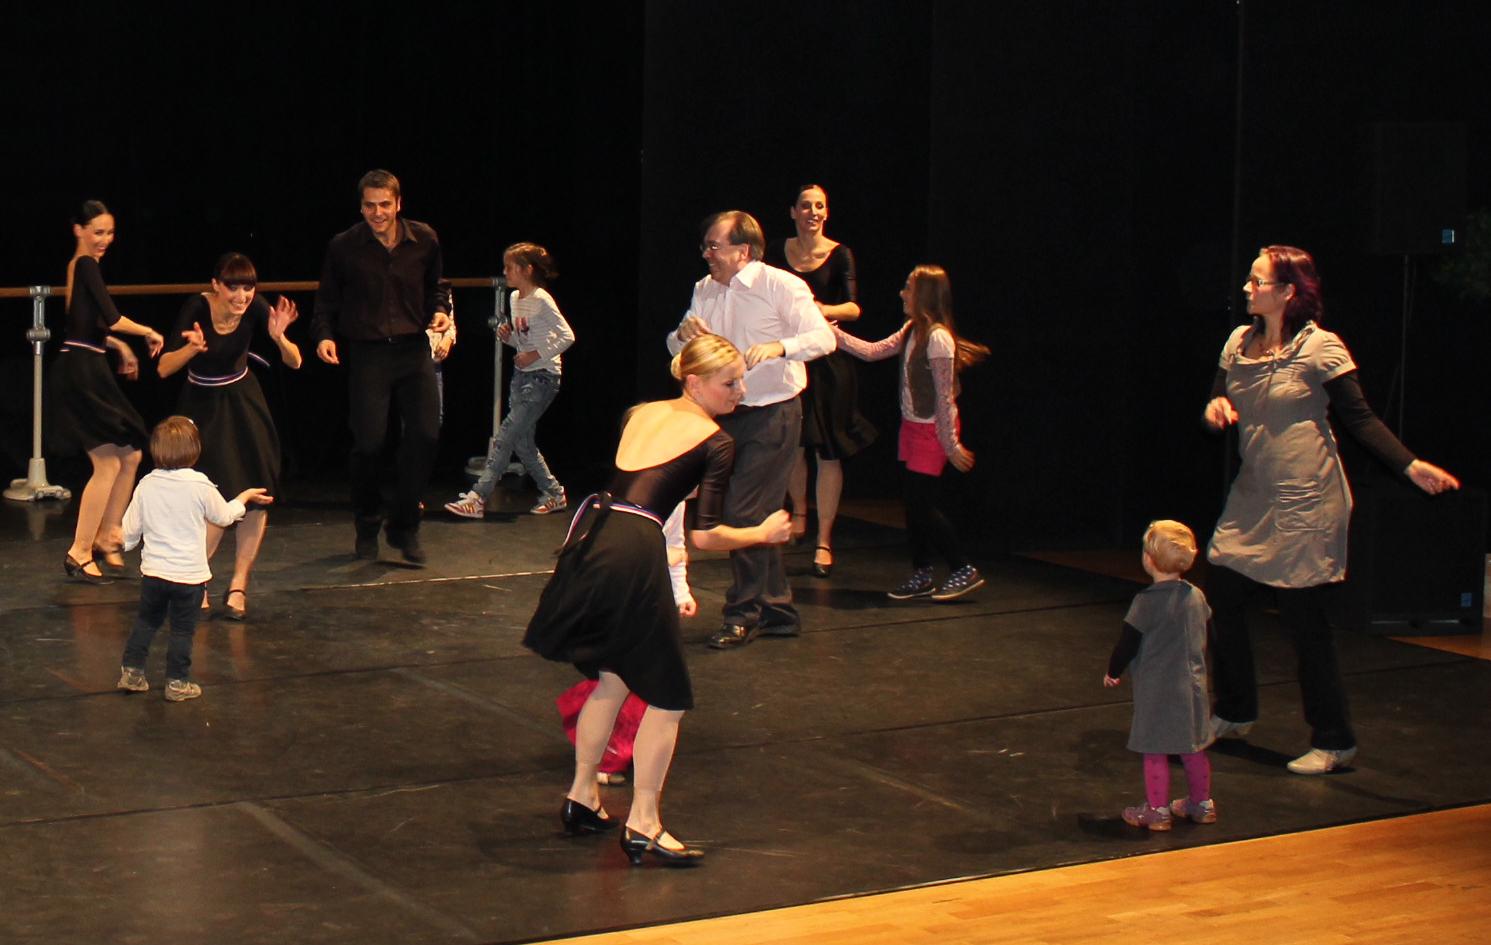 """Hier hieß das Thema """"Tanz"""" und die Kinder tanzen mit den Profis vom Ballett. Und der Moderator auch….."""